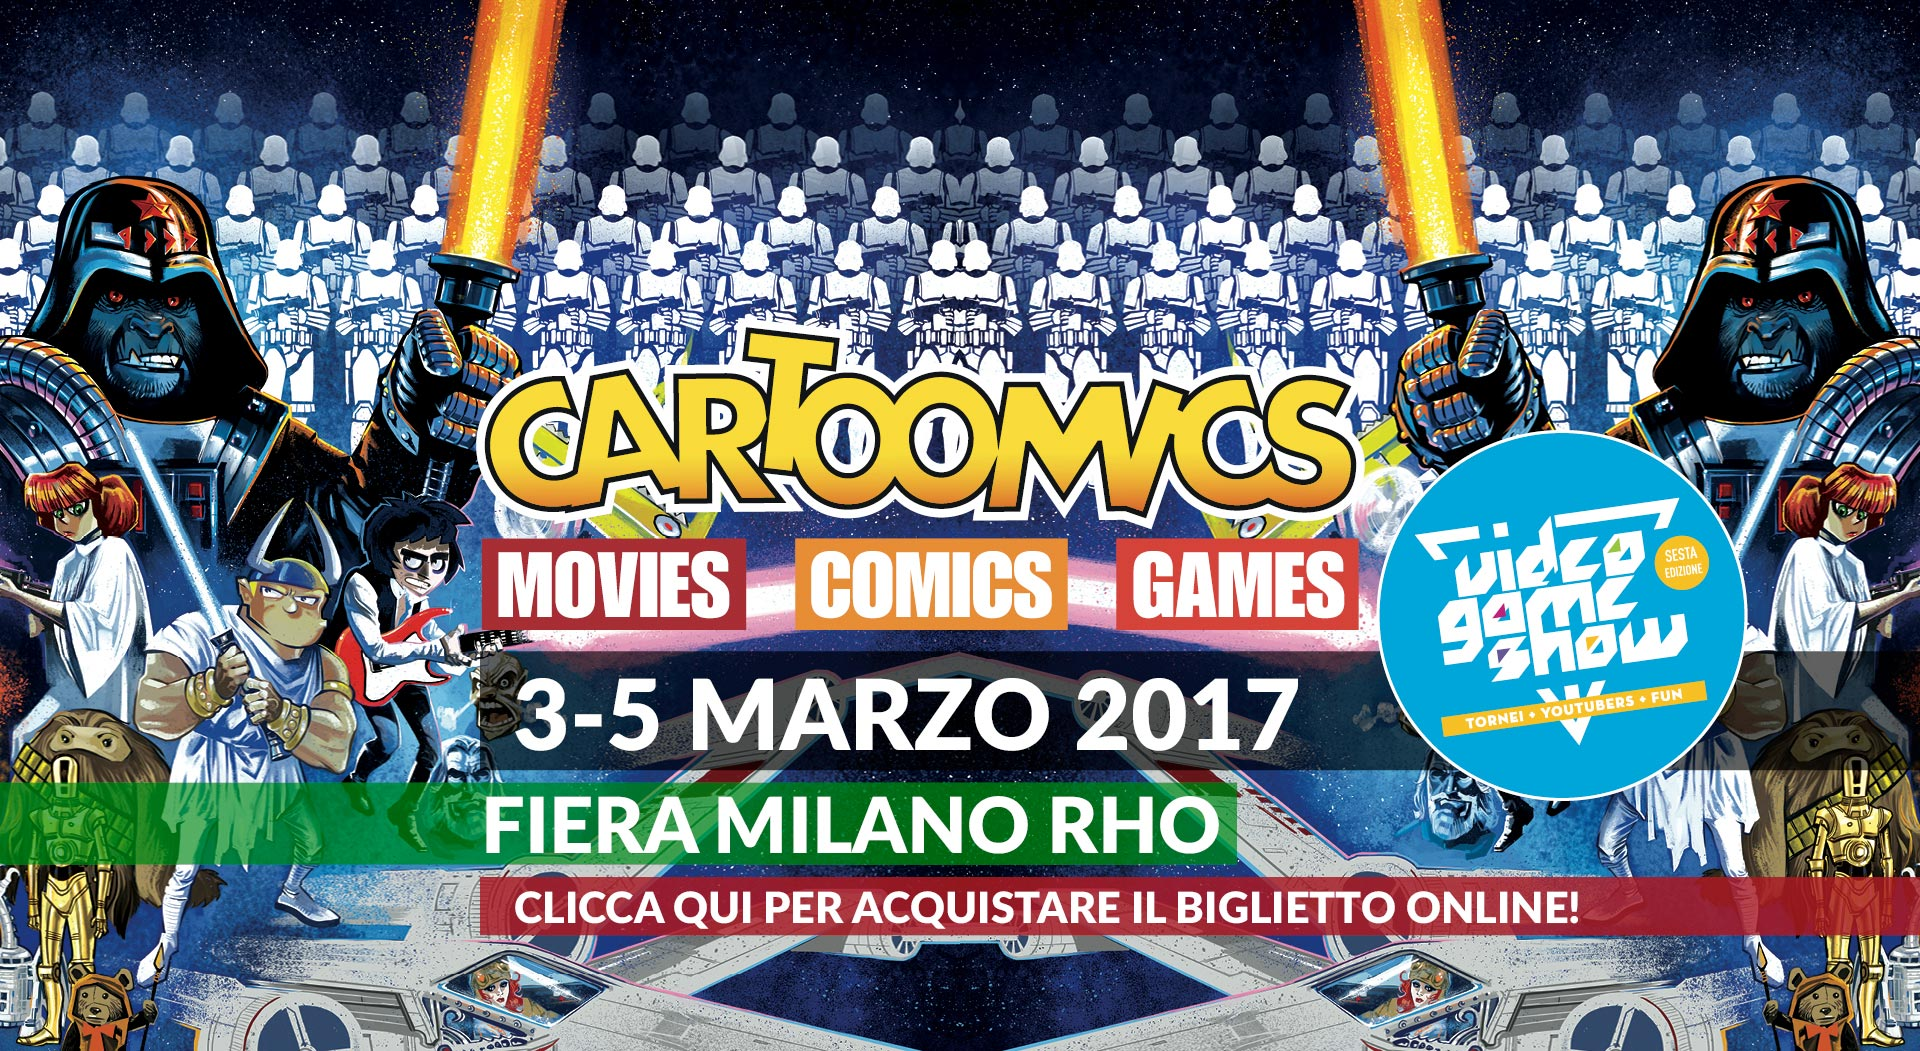 Cartoomics 2017 slide milano etno tv for Rho fiera eventi oggi